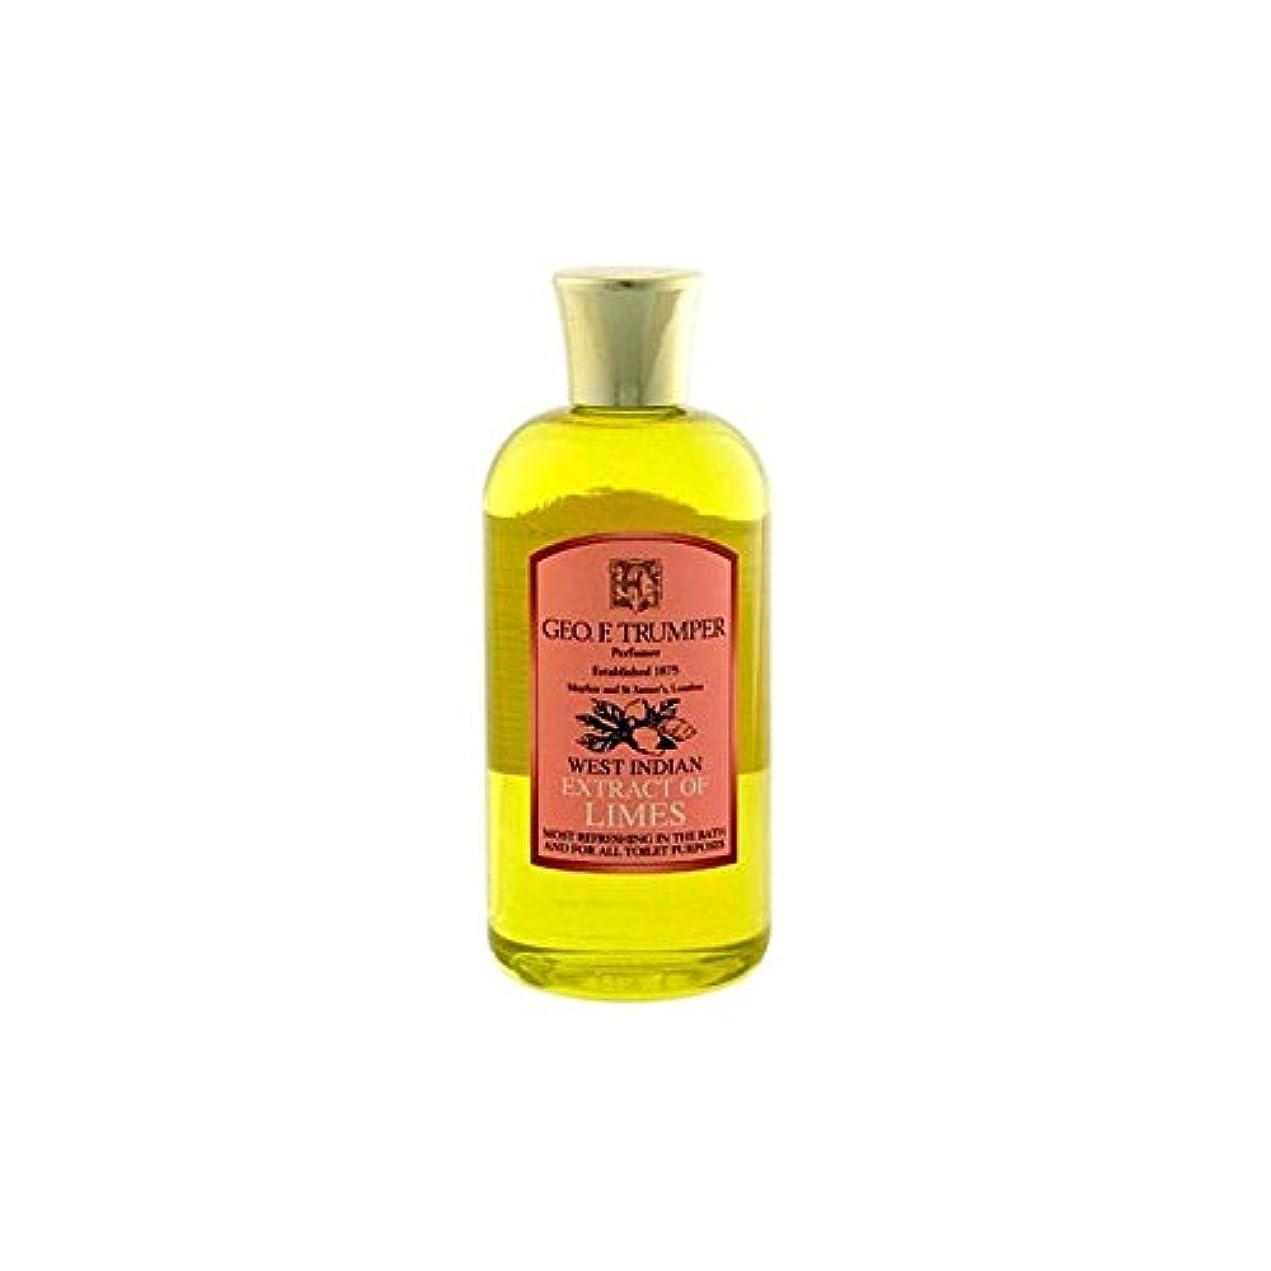 縁回想曖昧なライムのバスタブとシャワージェル200の抽出物を x2 - Trumpers Extracts of Limes Bath and Shower Gel 200ml (Pack of 2) [並行輸入品]